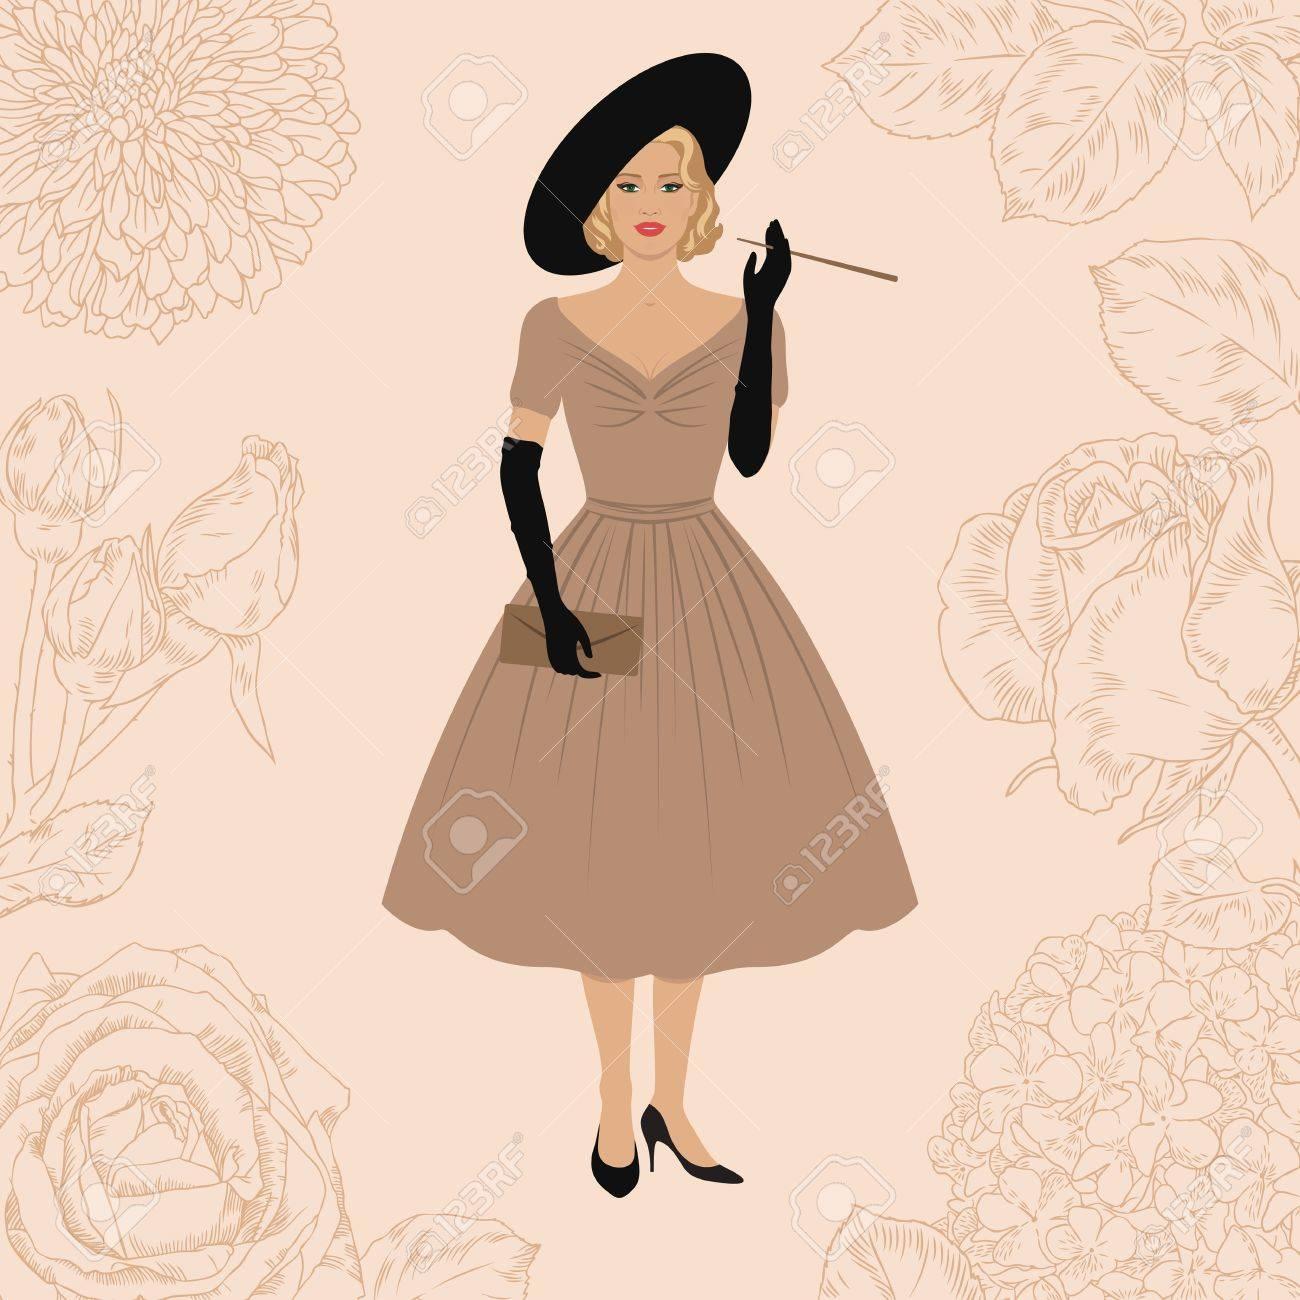 Banque d images - Femme élégante habillée dans le style New look. Mode des années  1950 Fumer Lady. Fond floral. Style rétro. 566ba51a2299